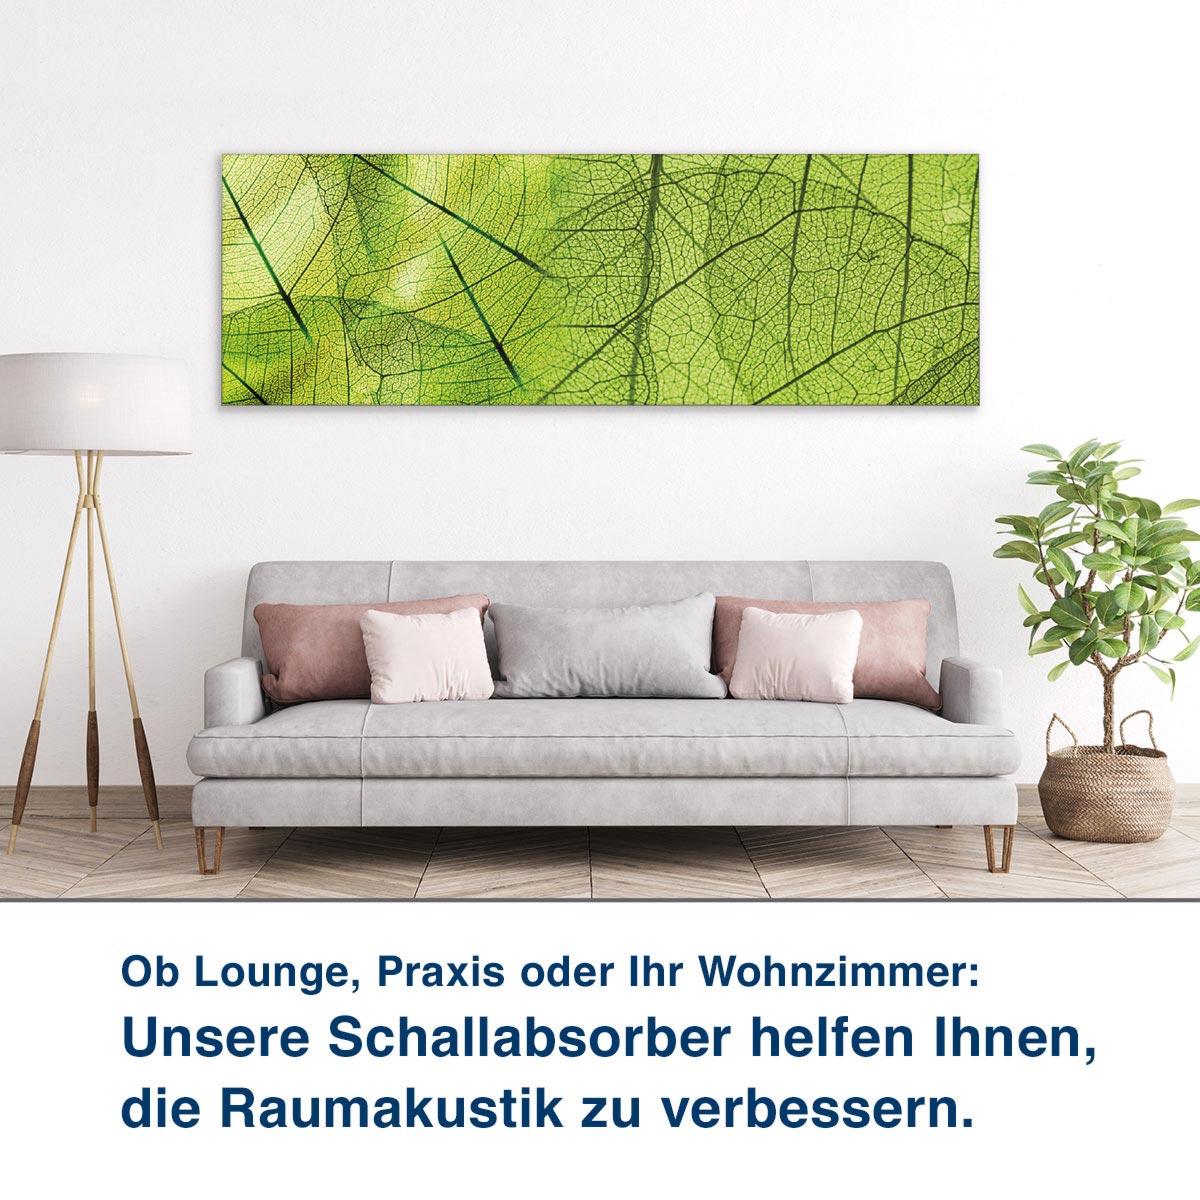 Ob Lounge, Praxis oder Ihr Wohnzimmer:  Unsere Schallabsorber helfen Ihnen,  die Raumakustik zu verbessern.